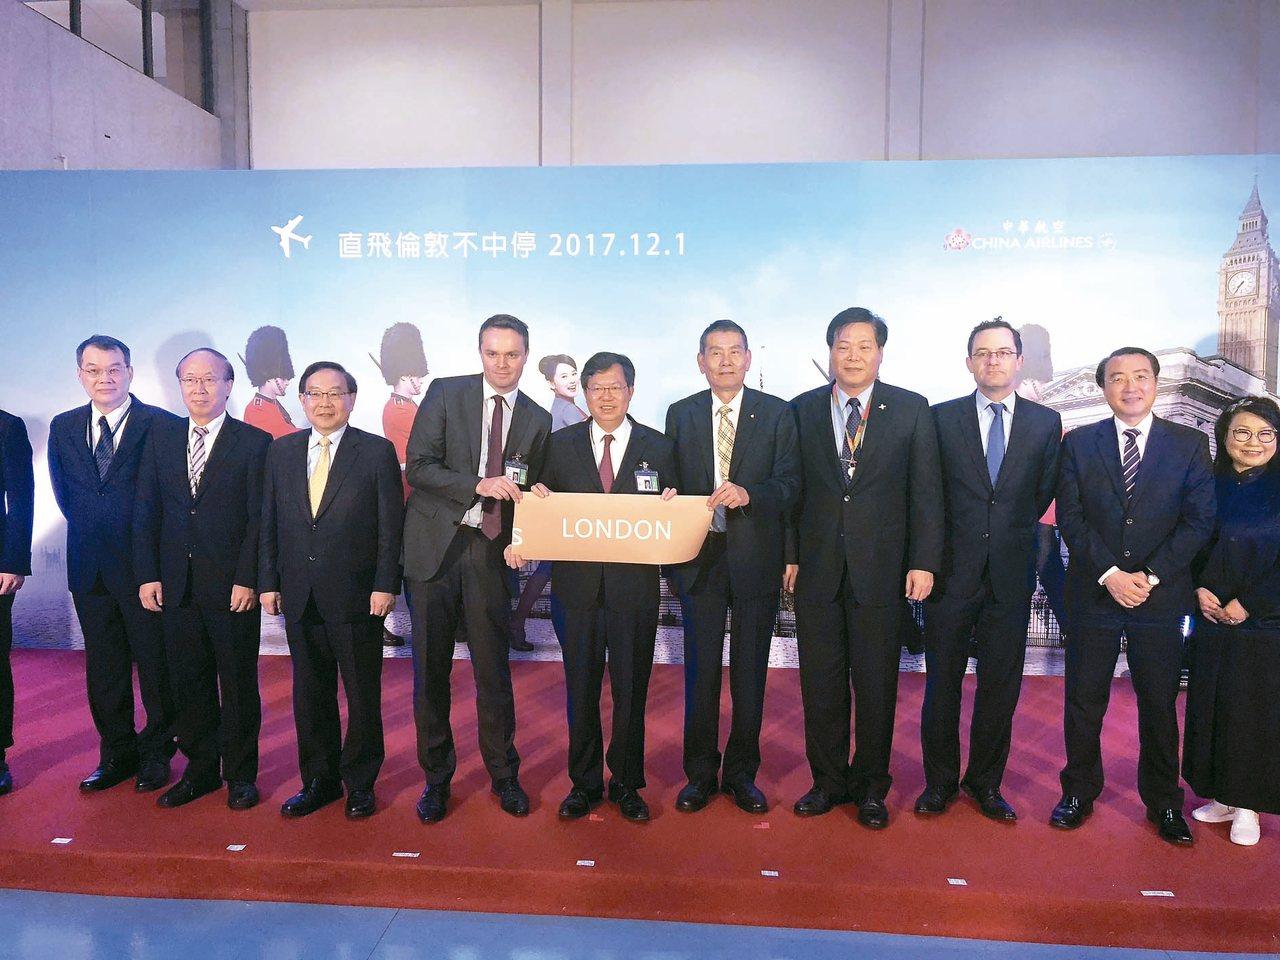 華航昨首航英國倫敦,成為台灣唯一直飛倫敦的航空公司,桃園市長鄭文燦(左五)出席首...